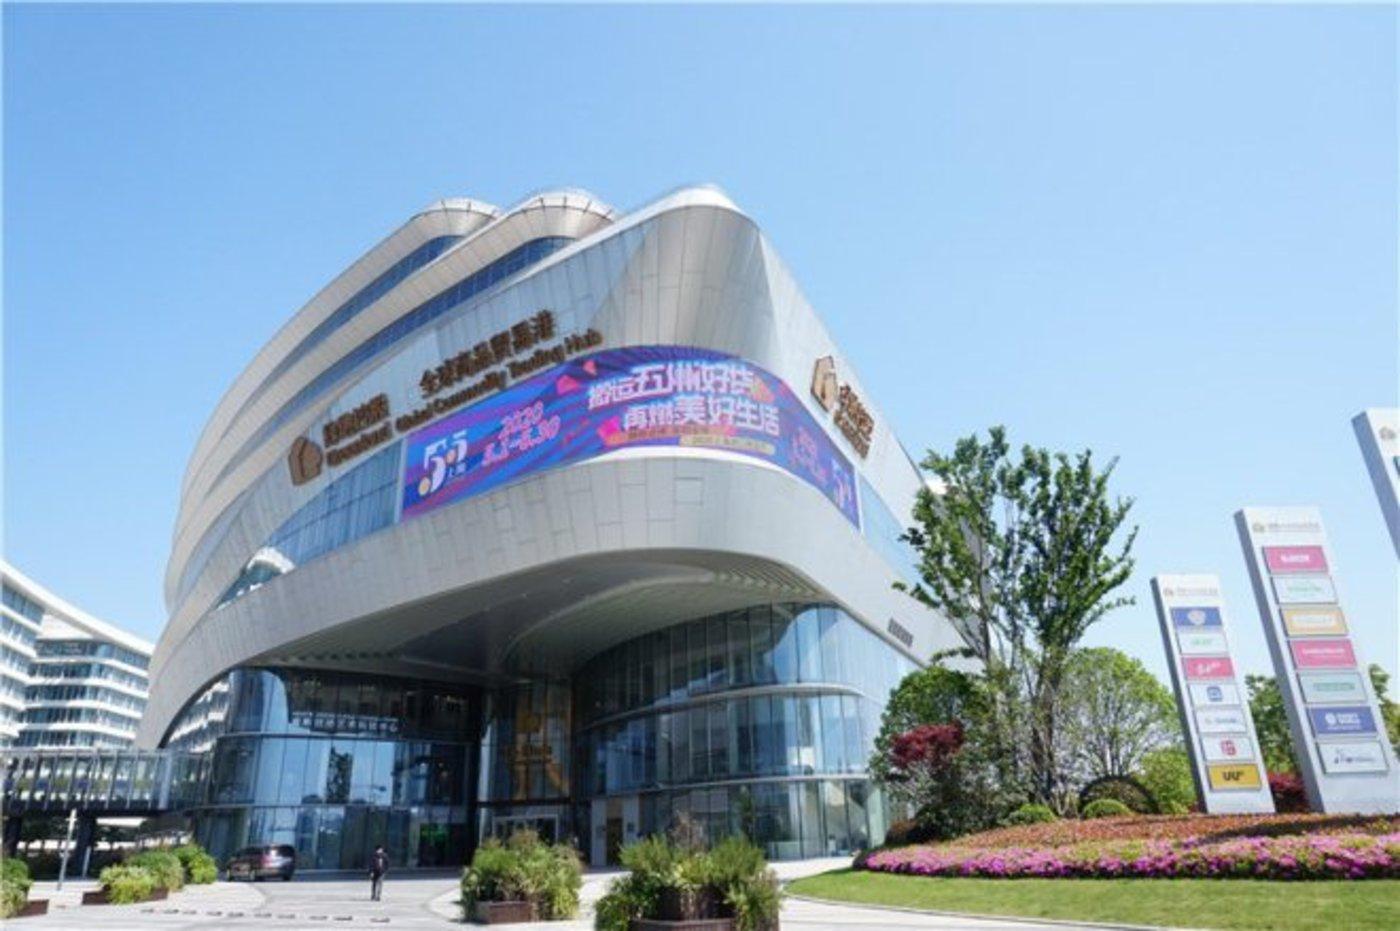 除上海母港外,绿地贸易港已相继在天津、西安、济南、哈尔滨、宁波、贵阳、成都、昆明、武汉、兰州、南昌、郑州、重庆等国内13个区域核心城市落子。